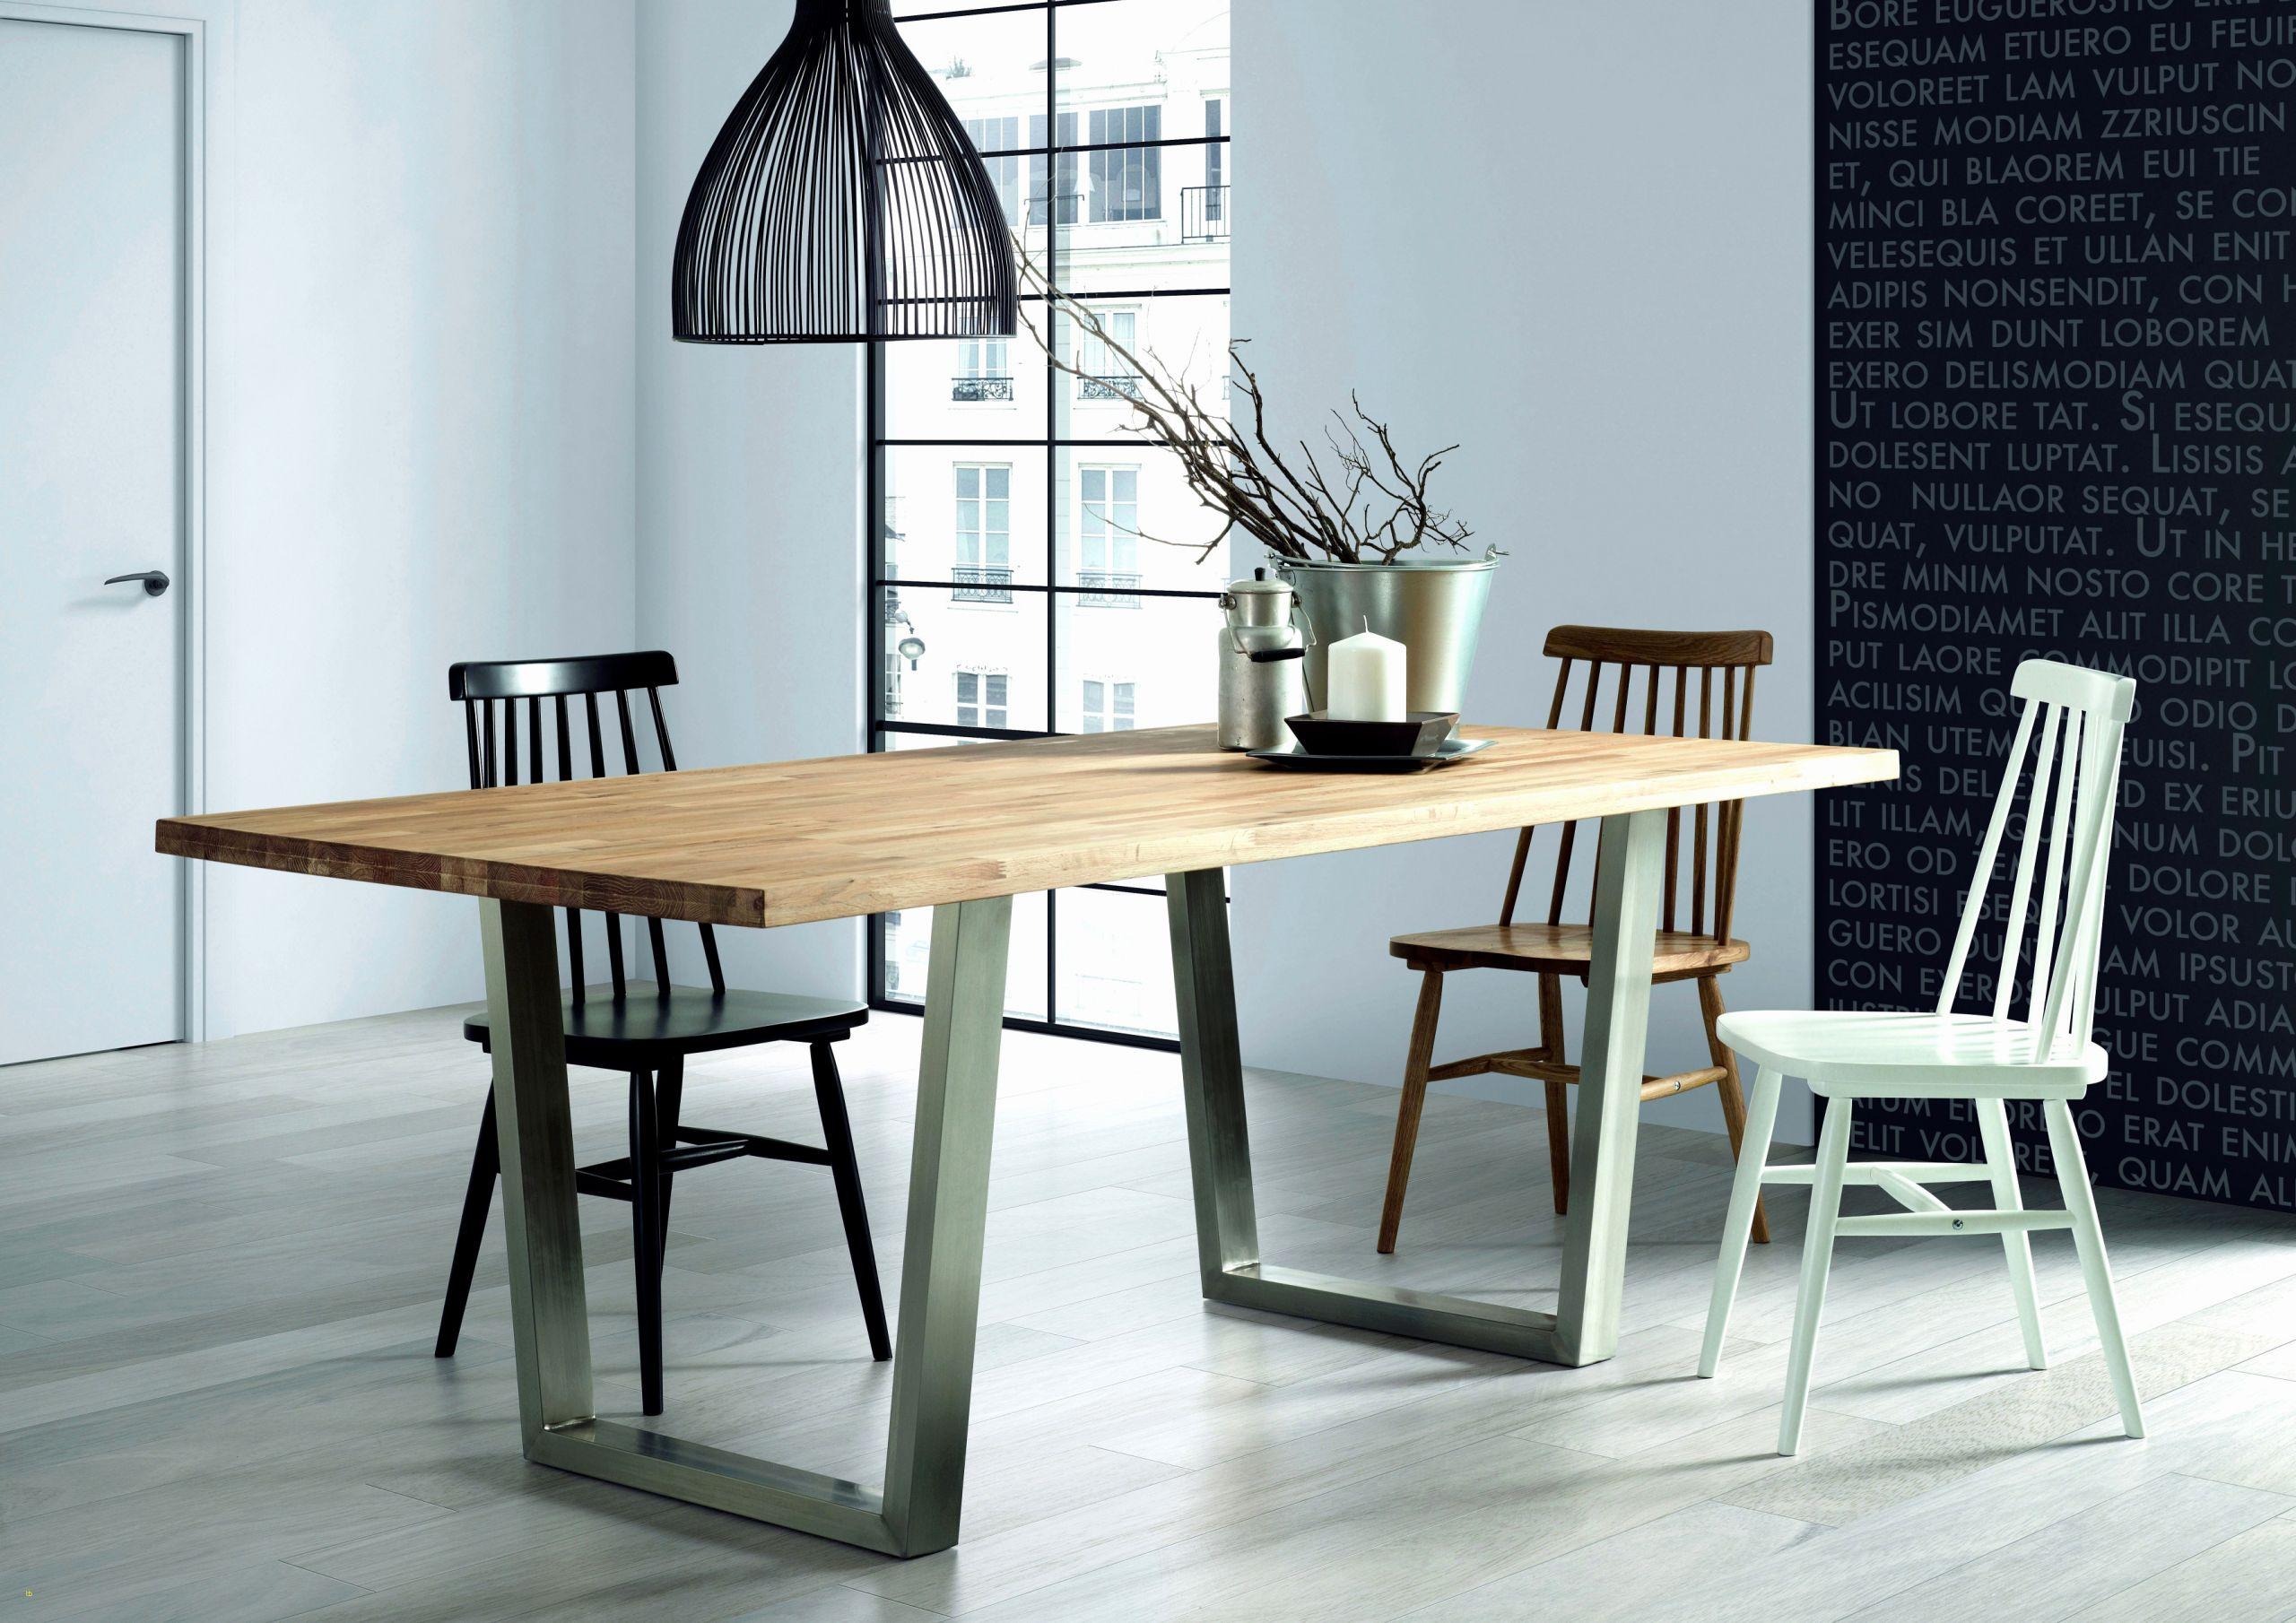 table basse pas cher design table basse en caisse luxe meuble de caisse meubles le du meilleur of table basse pas cher design